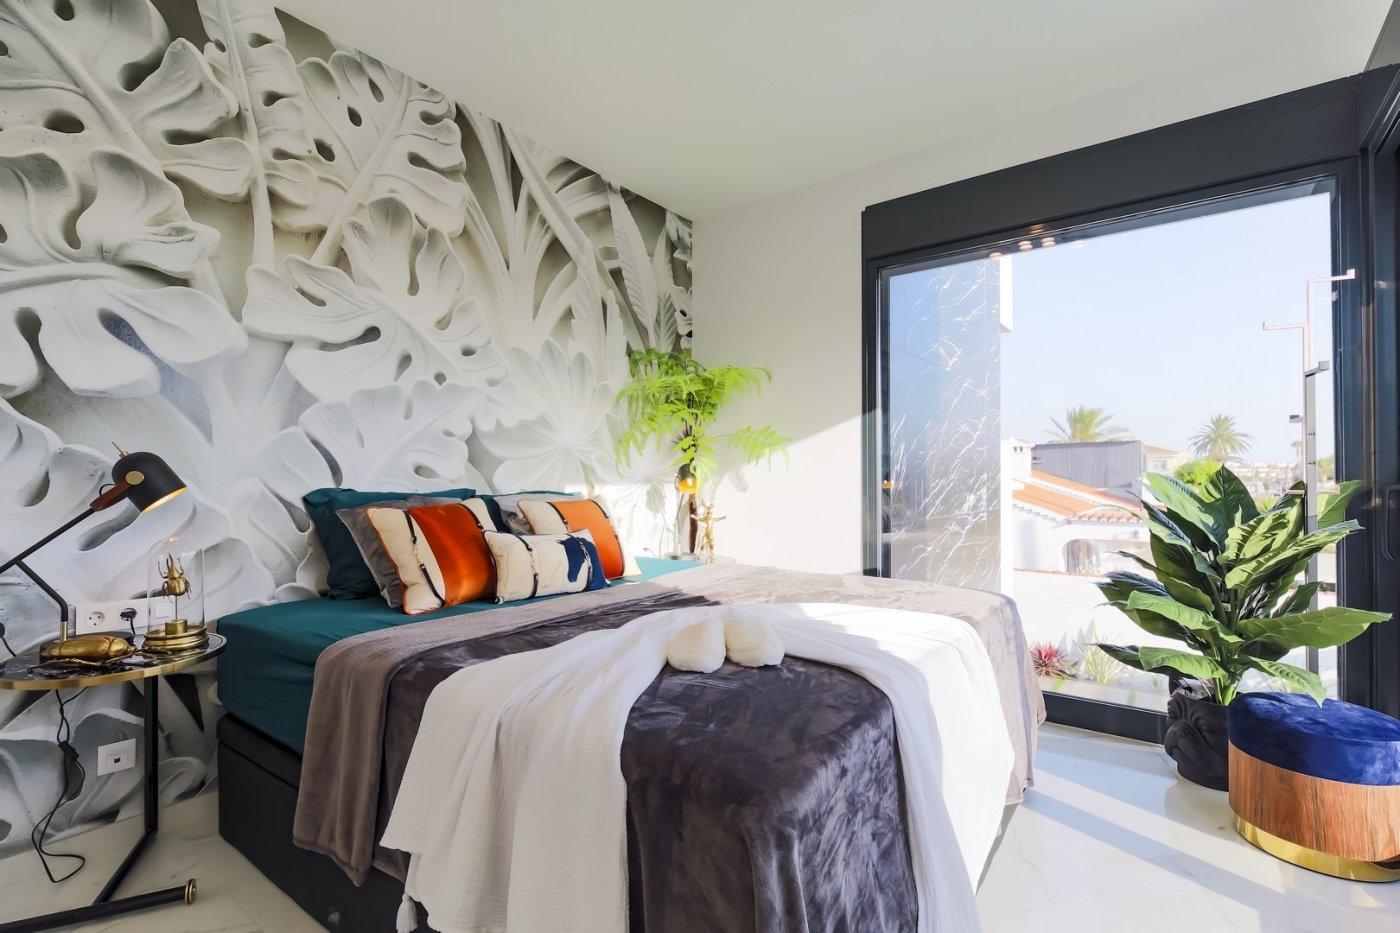 Villas de lujo en torreta florida (torrevieja) - imagenInmueble30